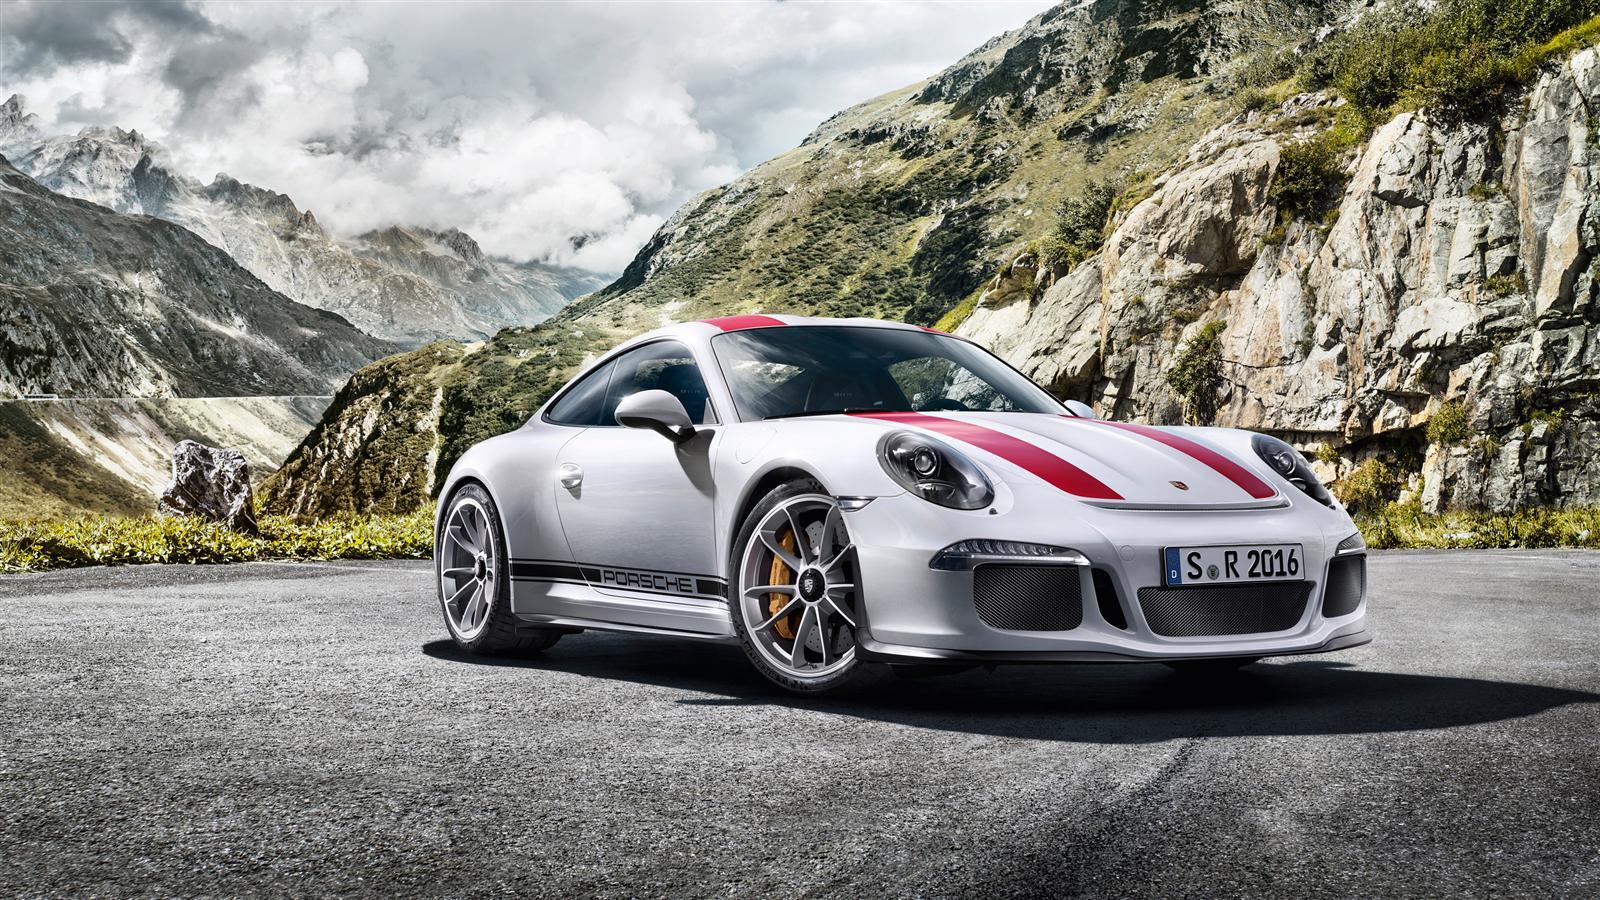 Die 68 Besten Porsche Wallpapers: Fahrstunde Im Neuen Porsche 911 R Gefällig?